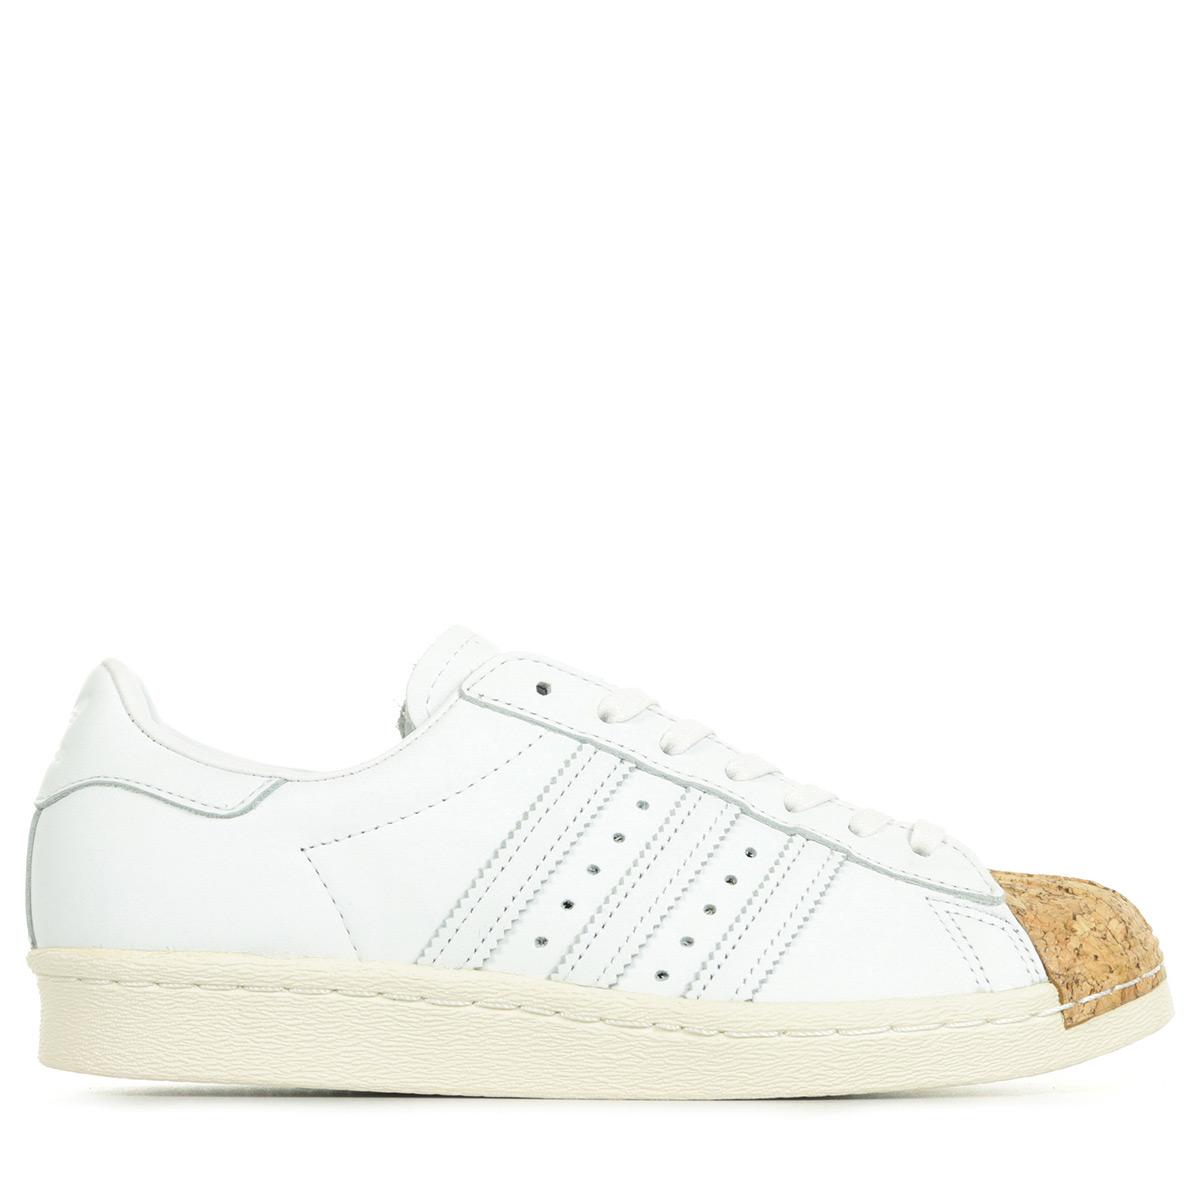 adidas Superstar 80s Cork BA7605, Baskets mode femme